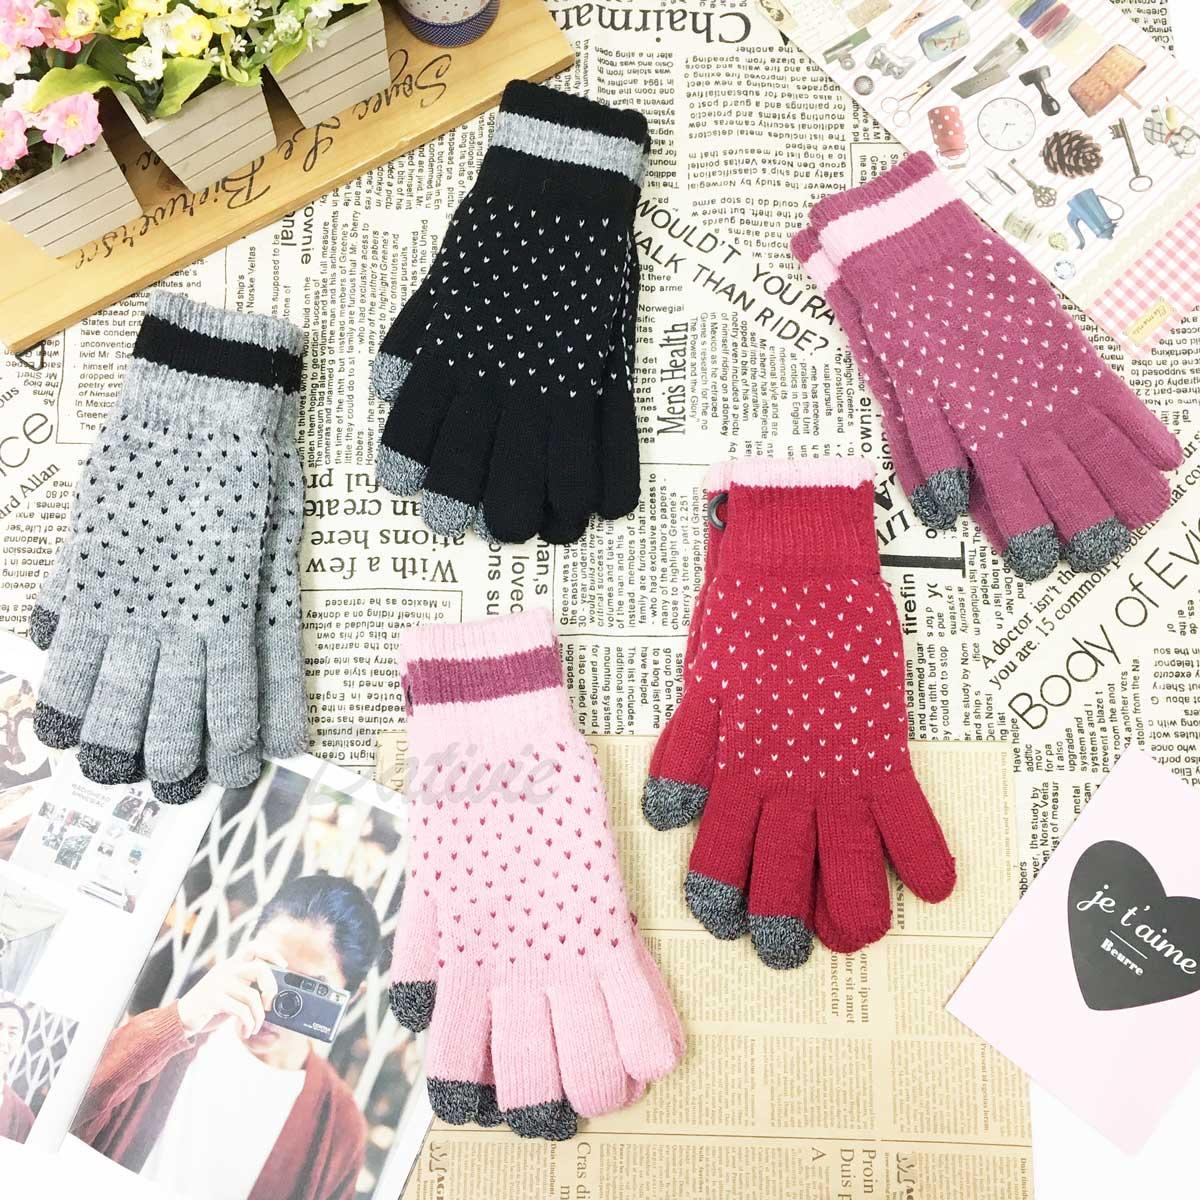 觸控手套 女款 愛心 虛線 拼接 滿版愛心 刷毛 混紡編織 保暖 紫紅 紅 麻灰 粉 黑 手套